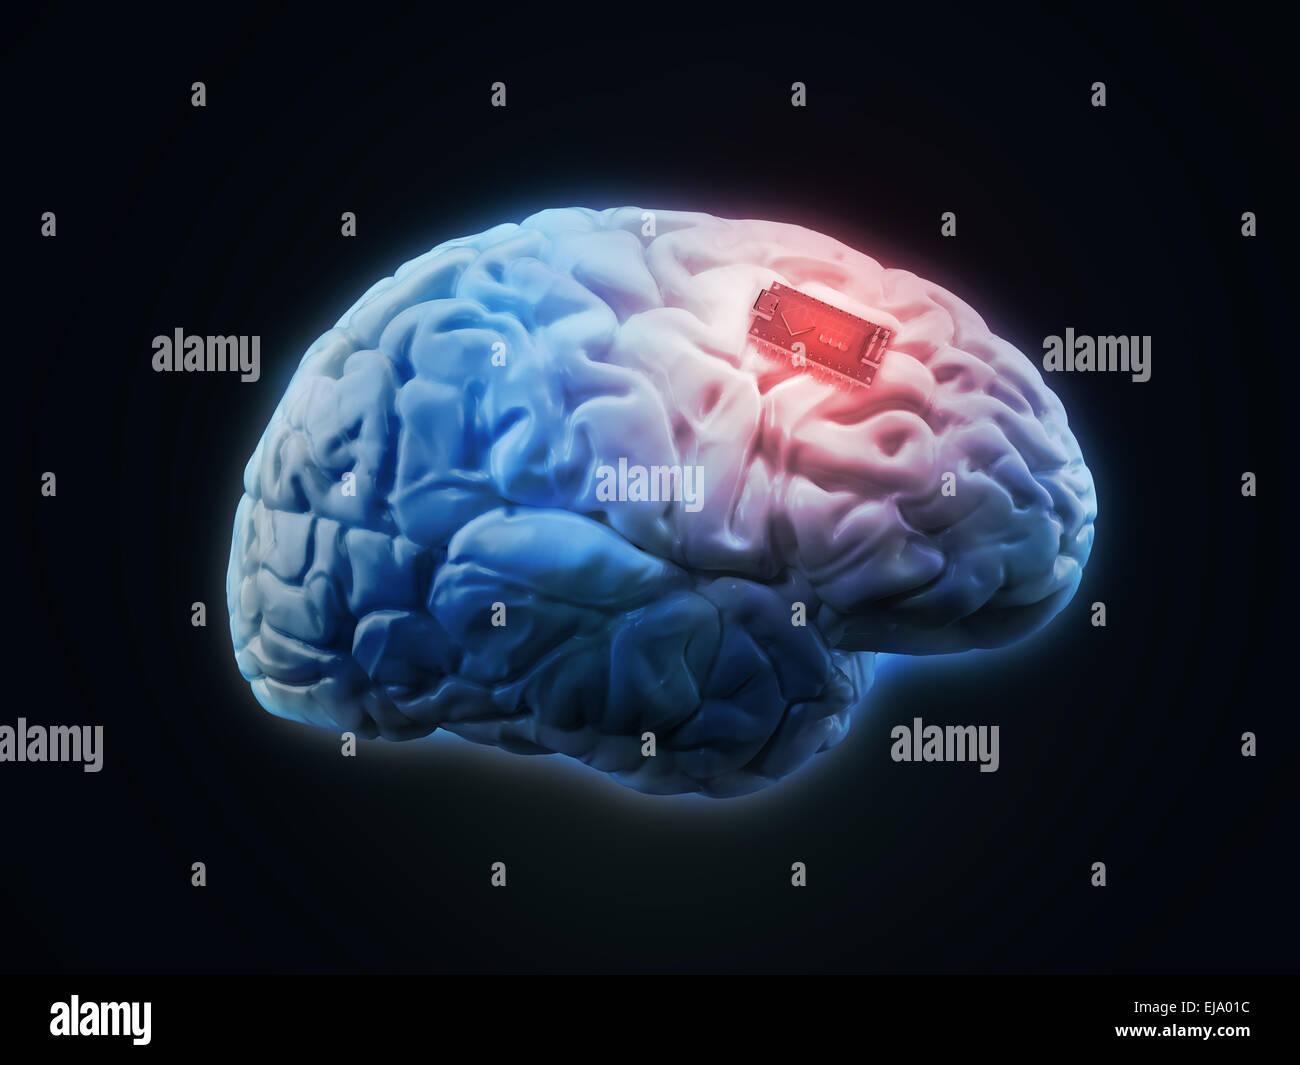 Beste Menschliche Gehirn Bilder Ideen - Menschliche Anatomie Bilder ...